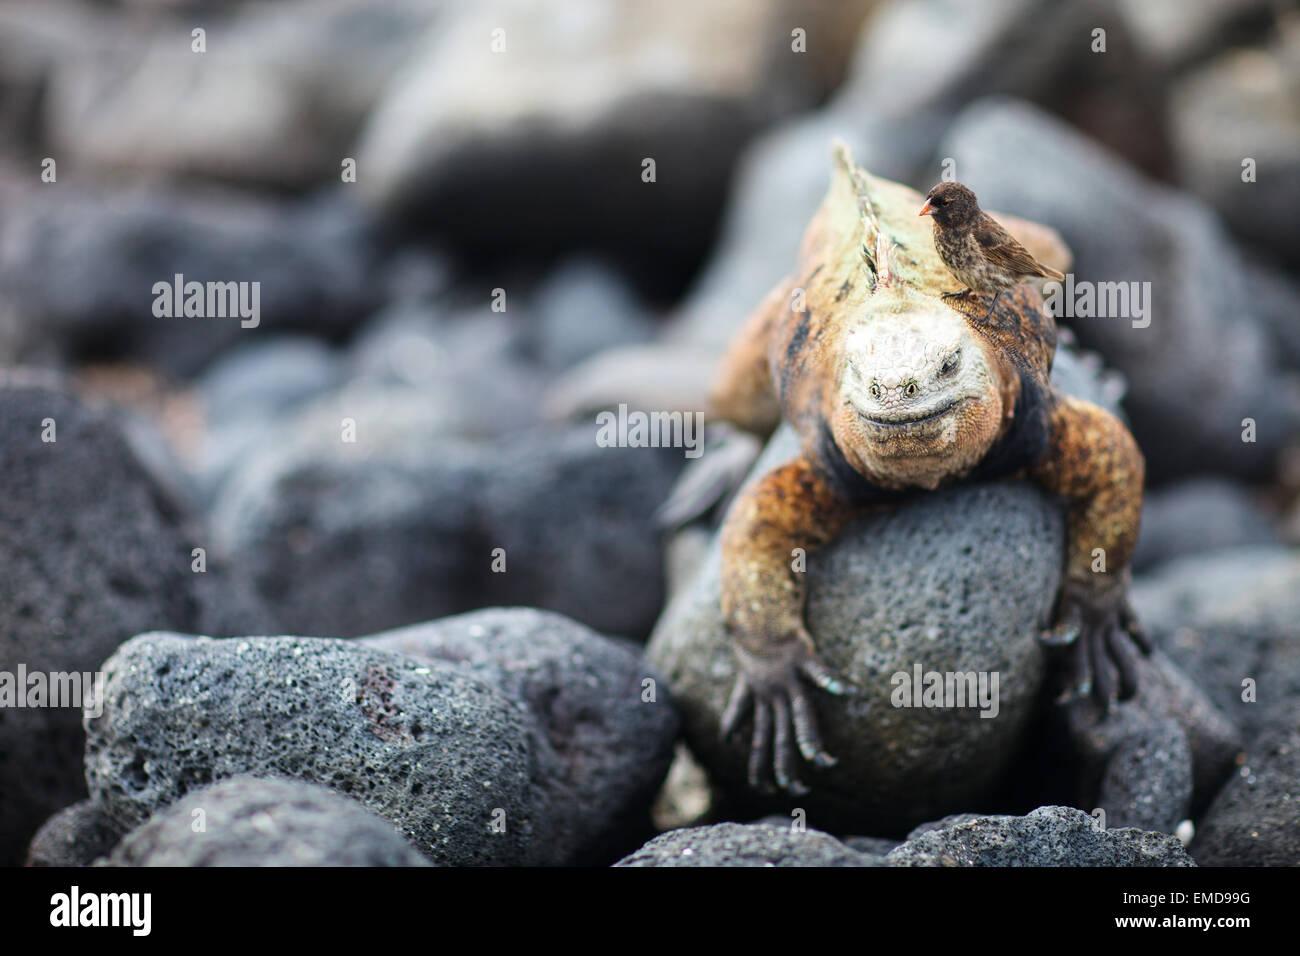 Marine iguana and Galapagos finch - Stock Image